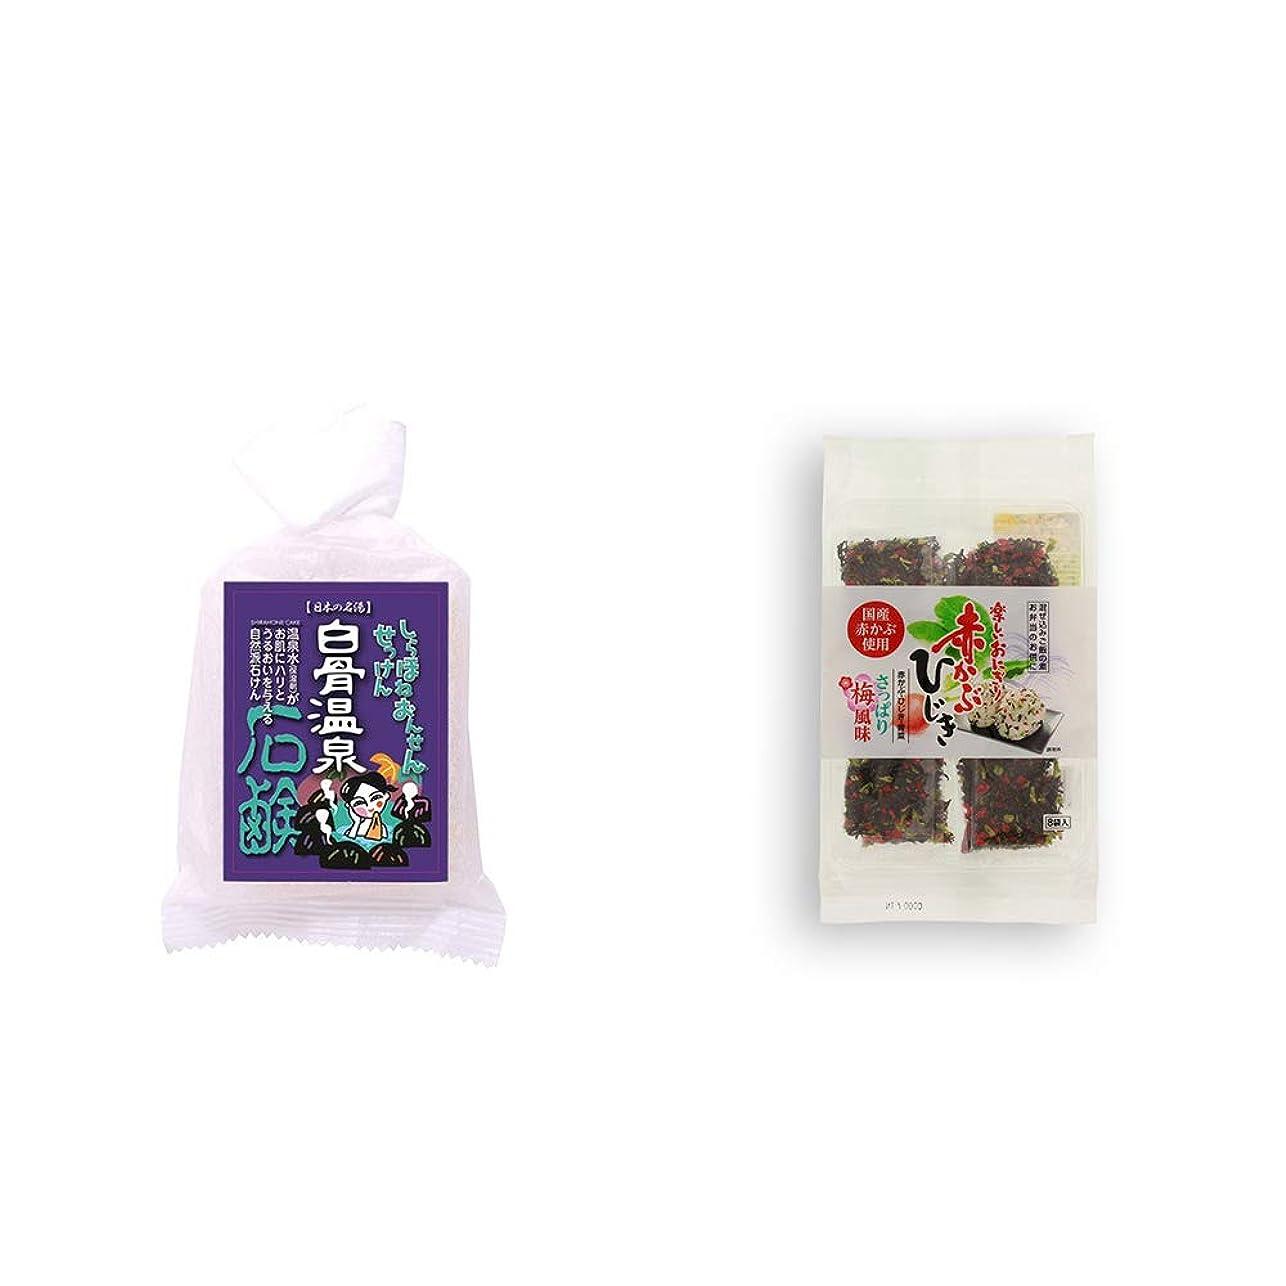 要件高層ビルスクラッチ[2点セット] 信州 白骨温泉石鹸(80g)?楽しいおにぎり 赤かぶひじき(8g×8袋)